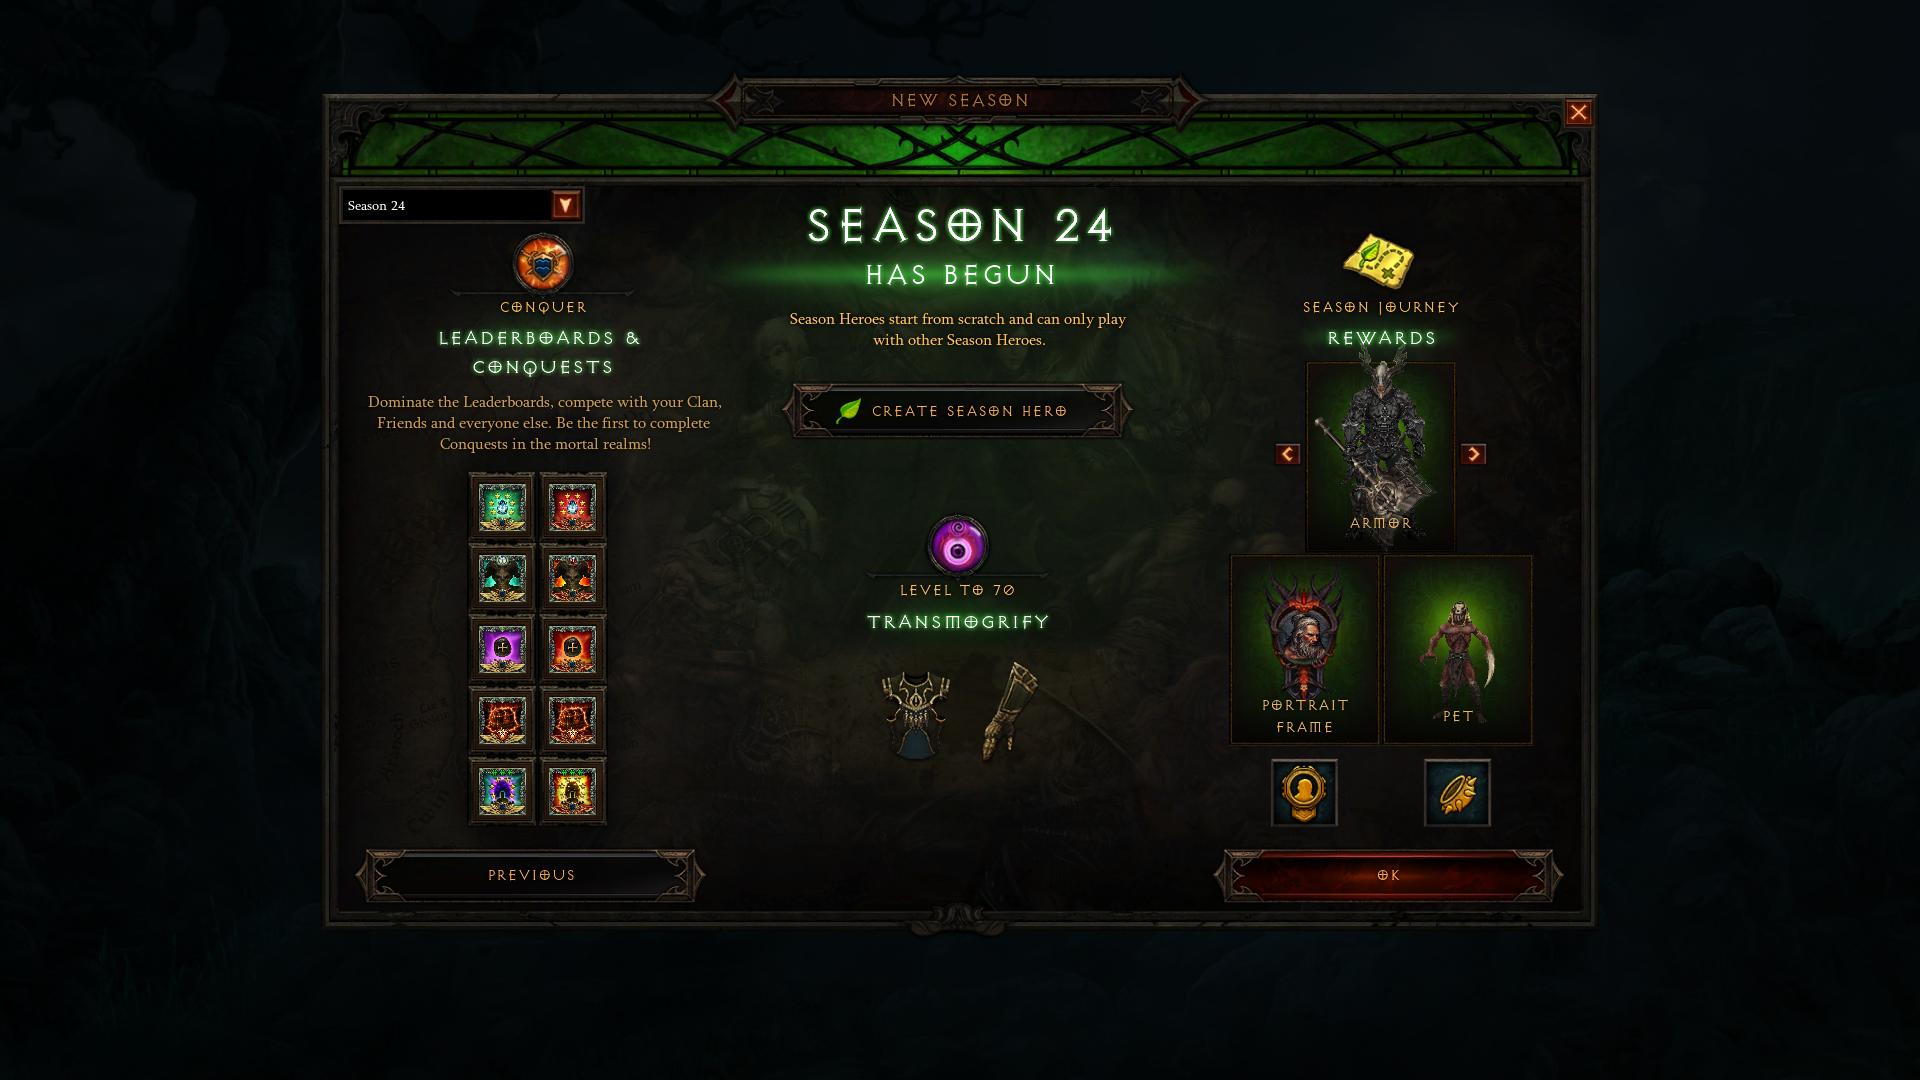 diablo 3 season 24 diablo 3 stagione 24 An00bis_stagione 24 obiettivi